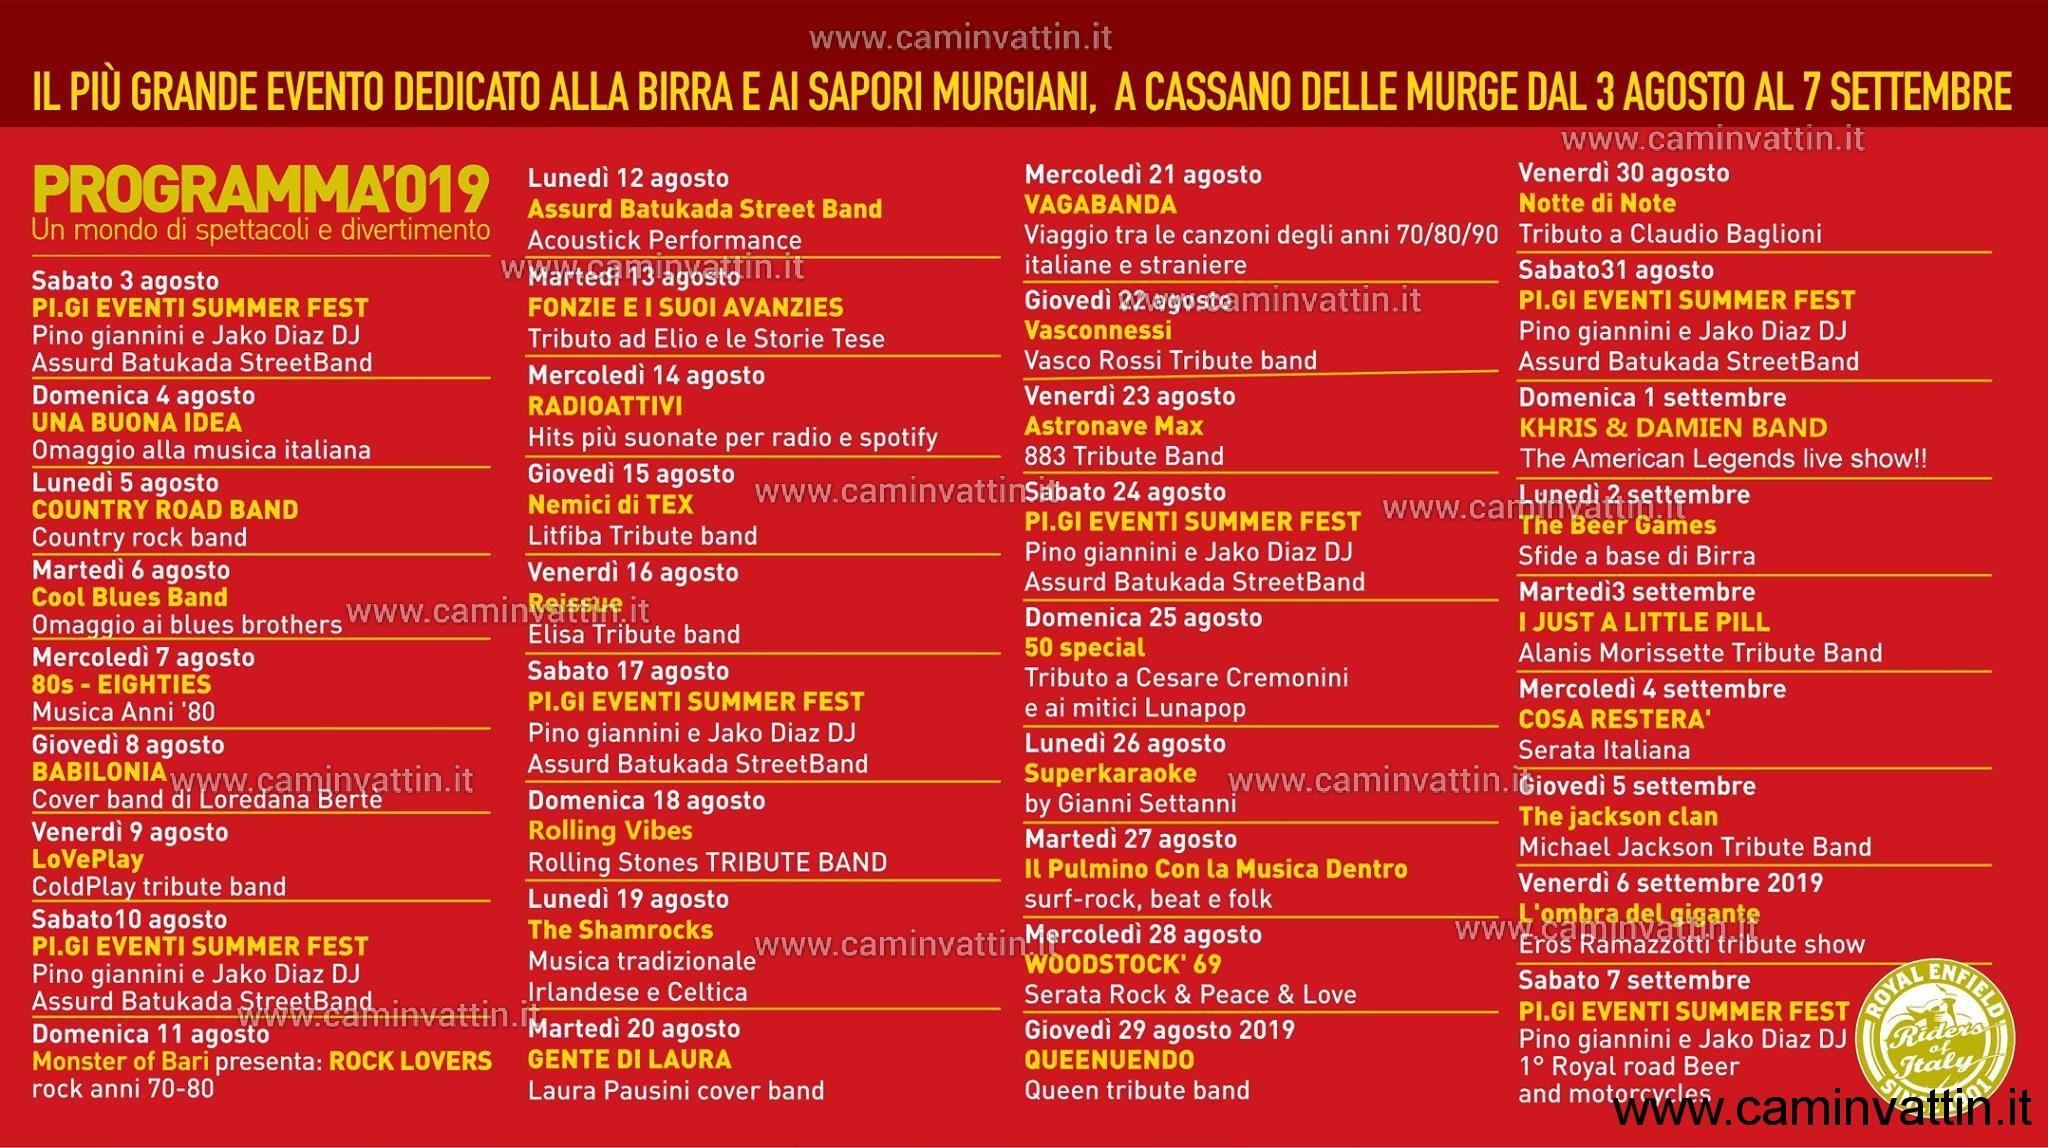 programma festa birra cassano 2019